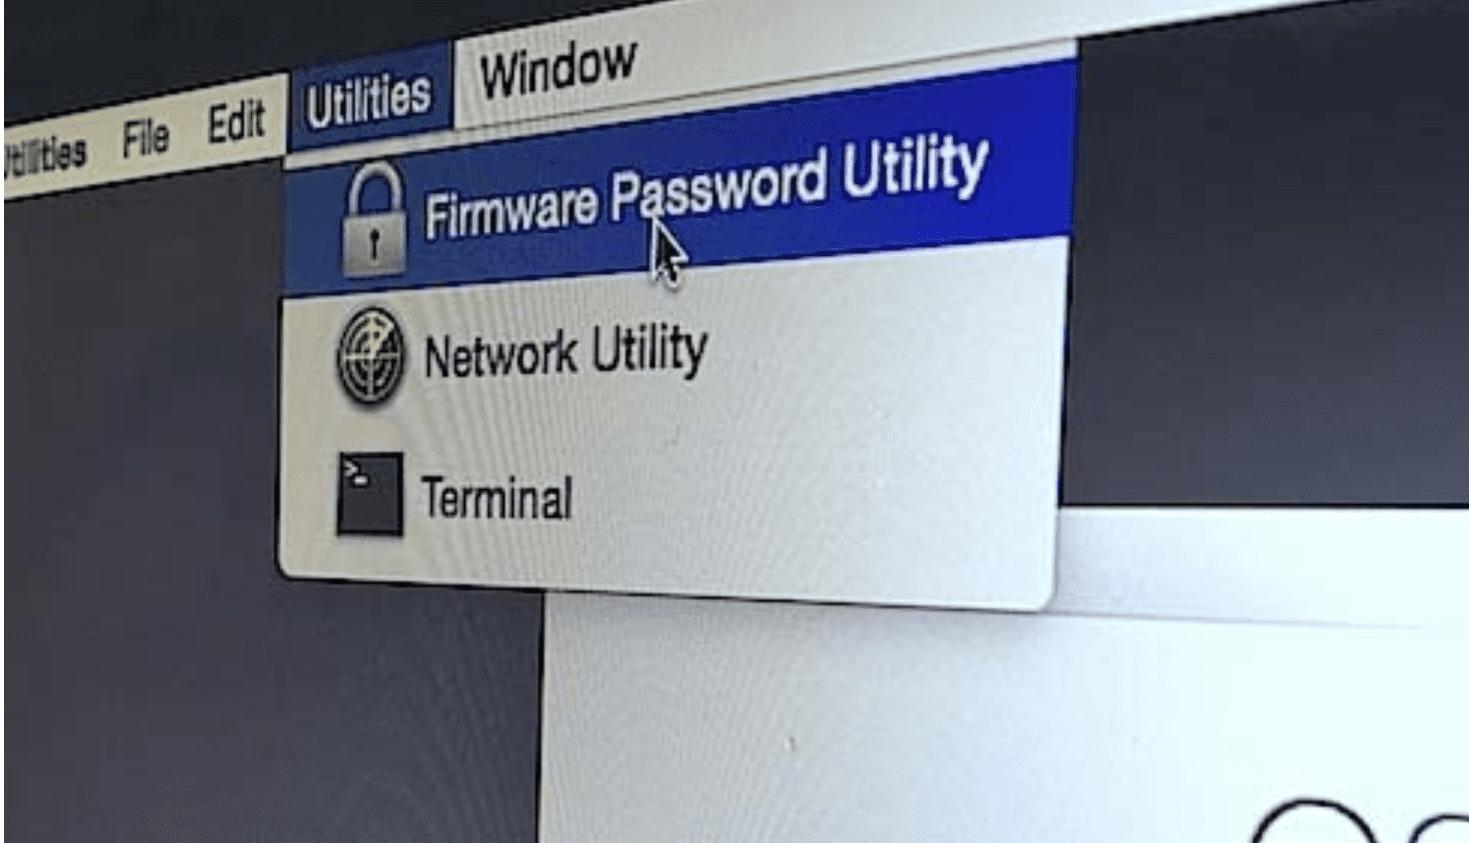 firmware password